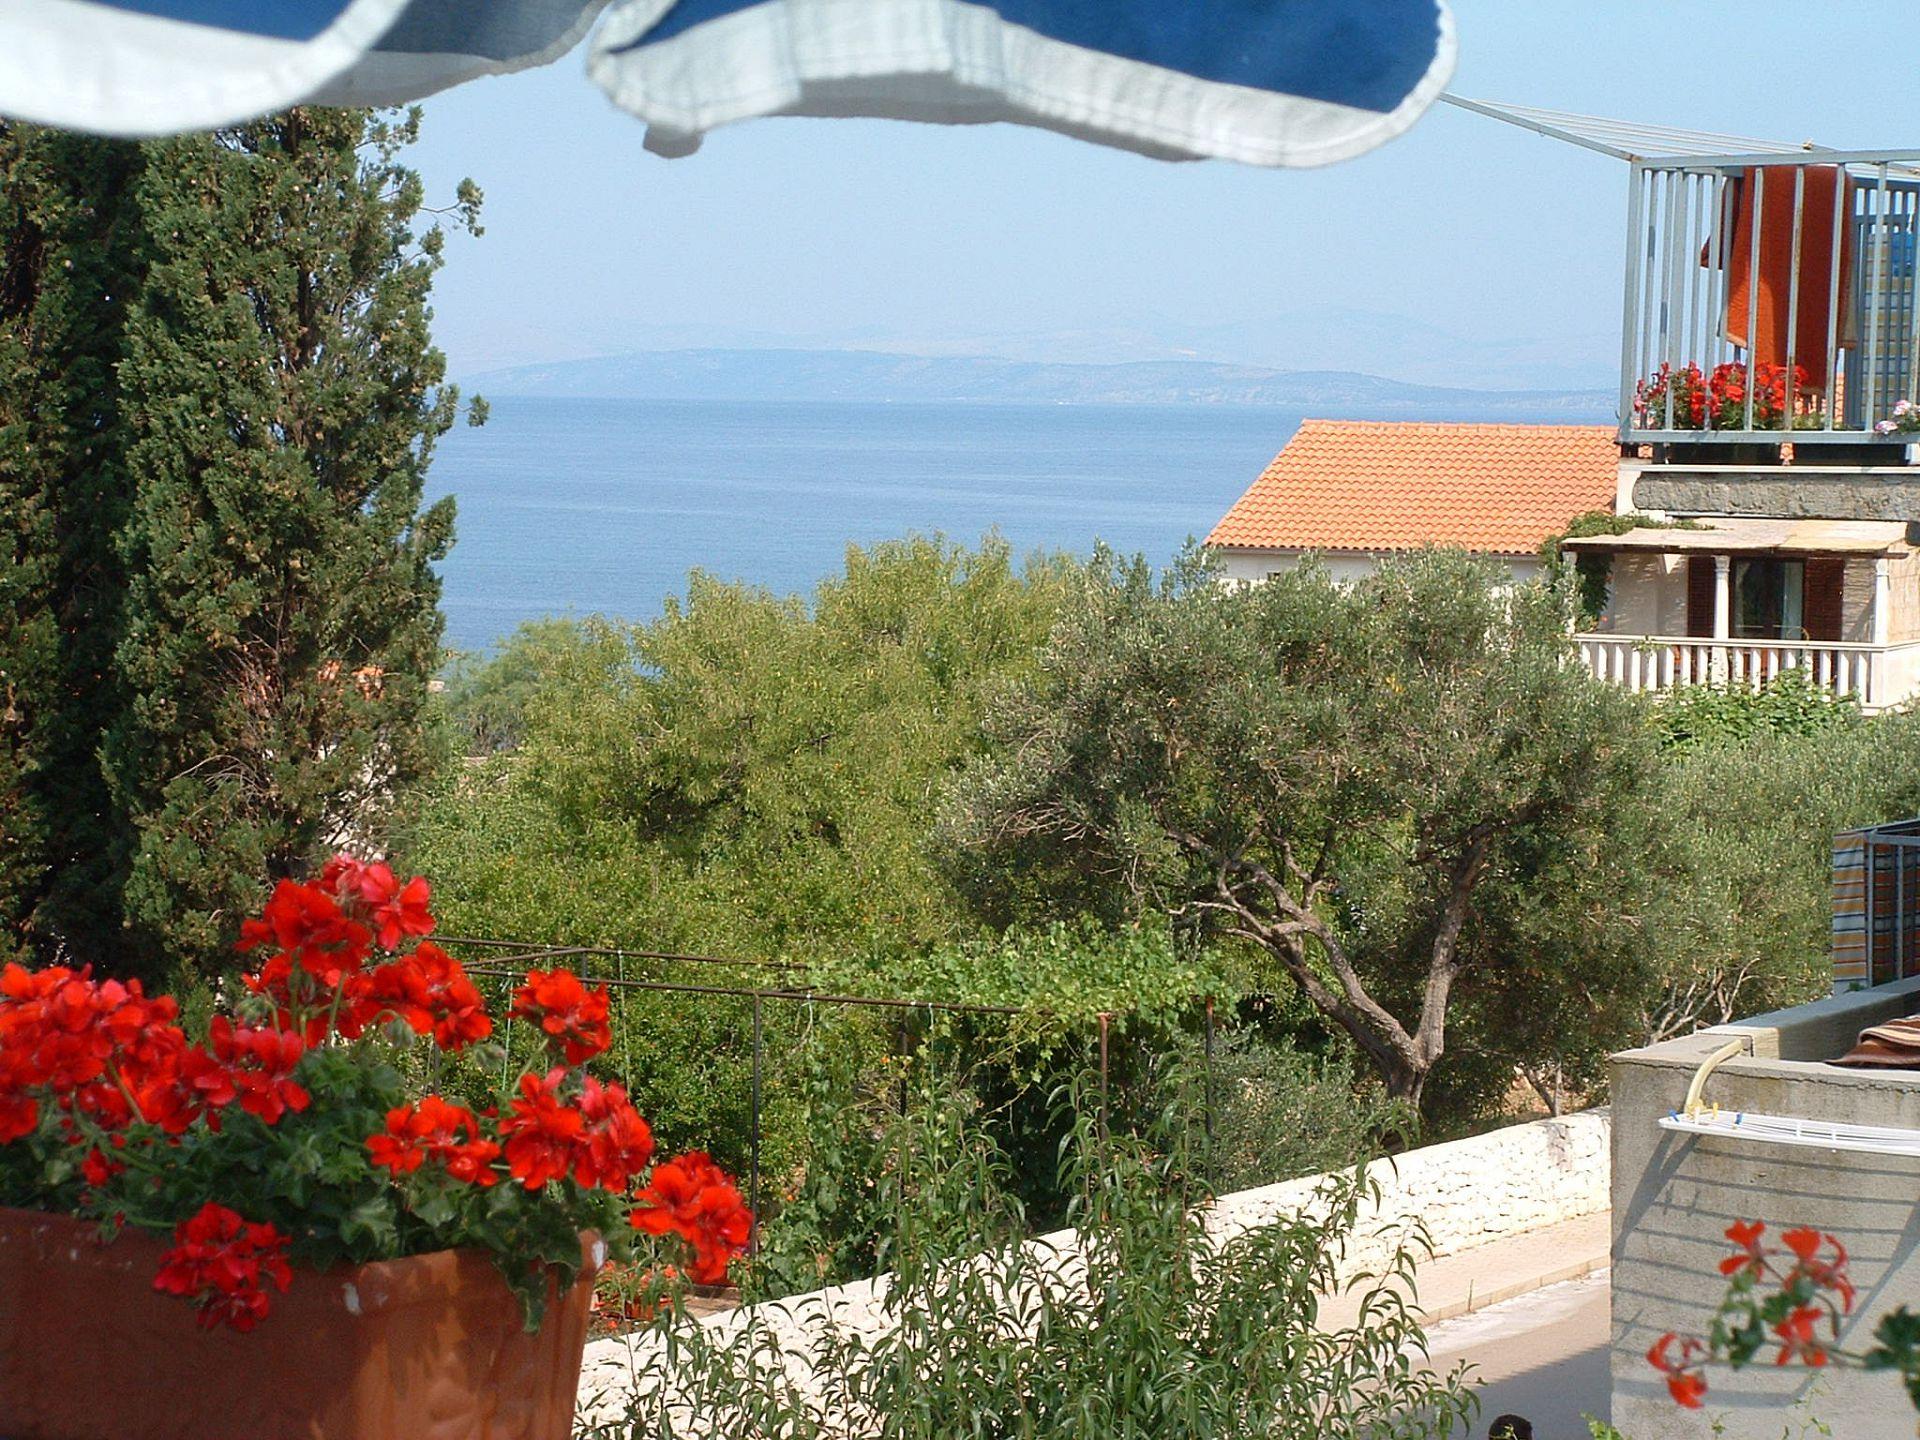 01301MIRC  - Mirca - Appartamenti Croazia - A2(4+1): lo sguardo dalla terrazza